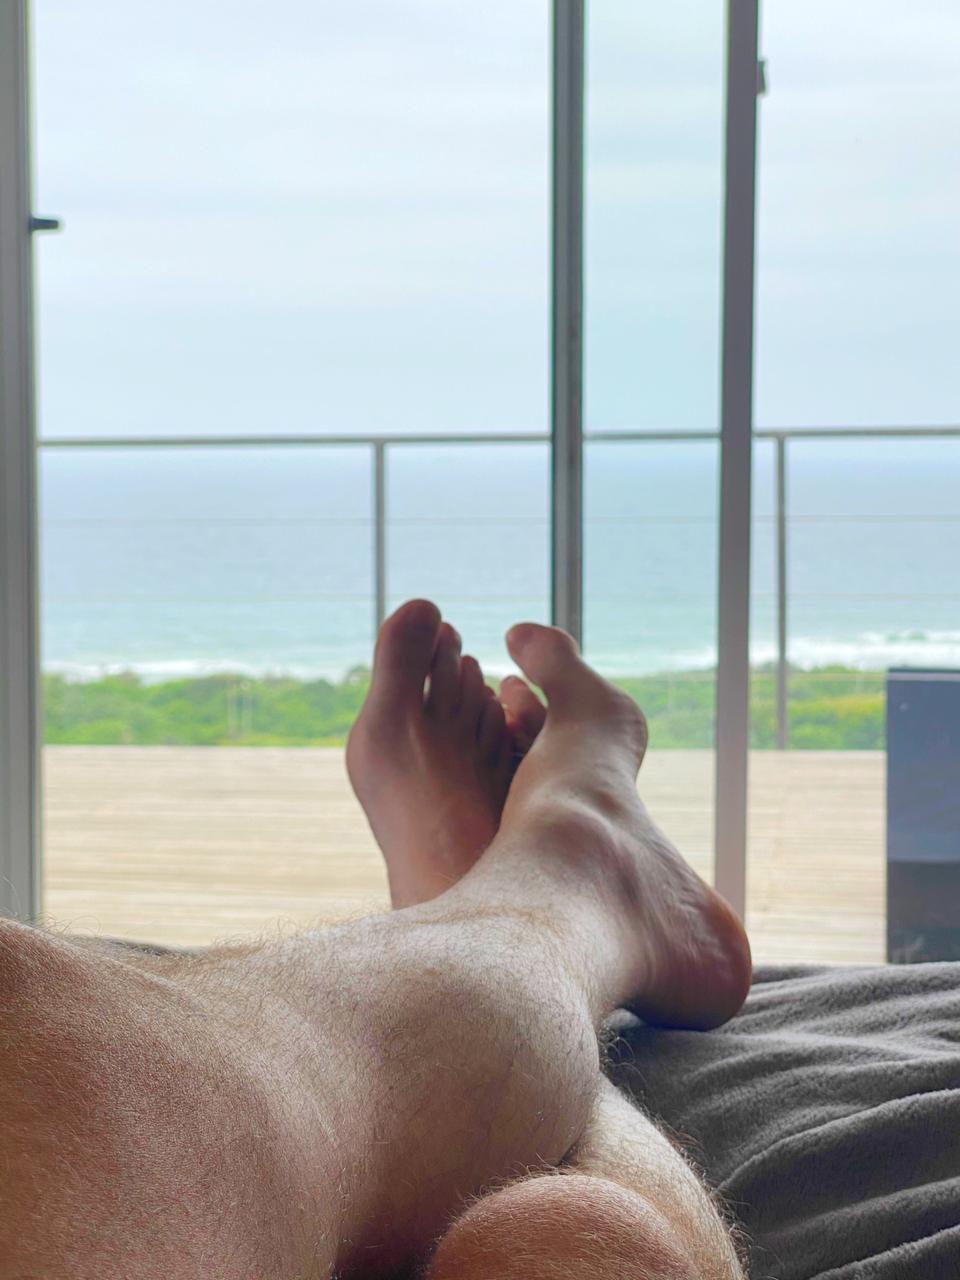 Darren Maule enjoying the sea breeze